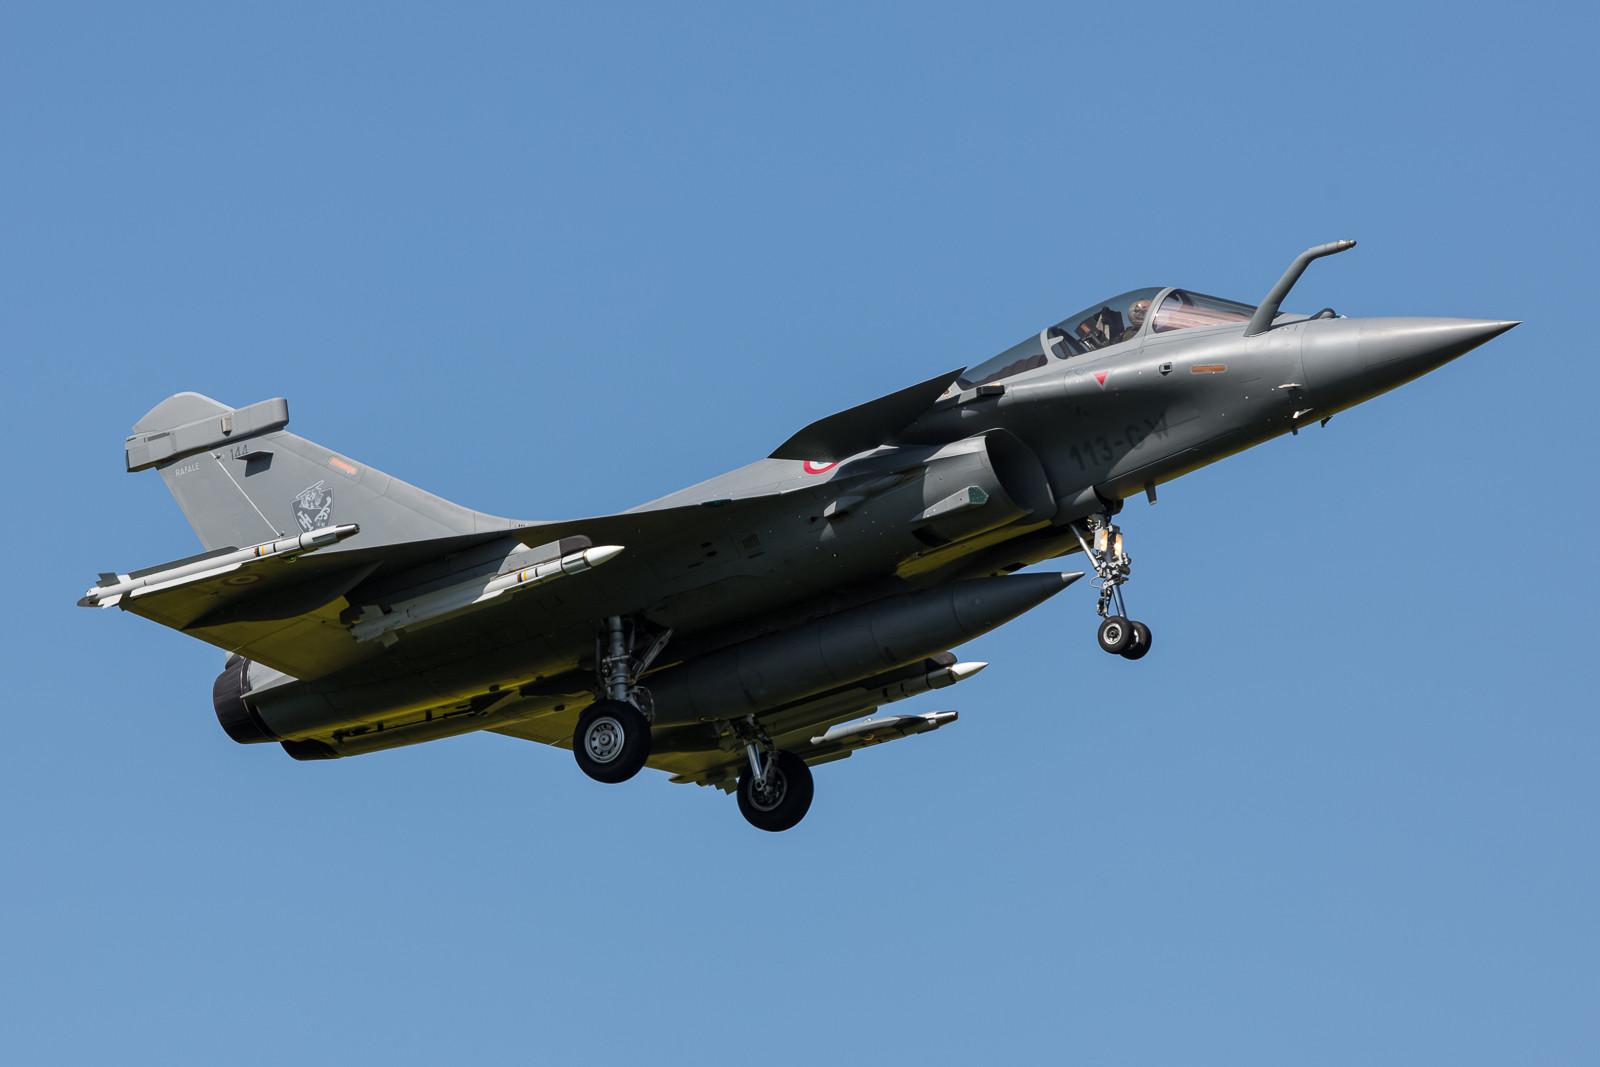 """Landung der QRA, die 144 der EC 01.007 """"Provence"""" mit vier Raketen unter den Flügeln."""